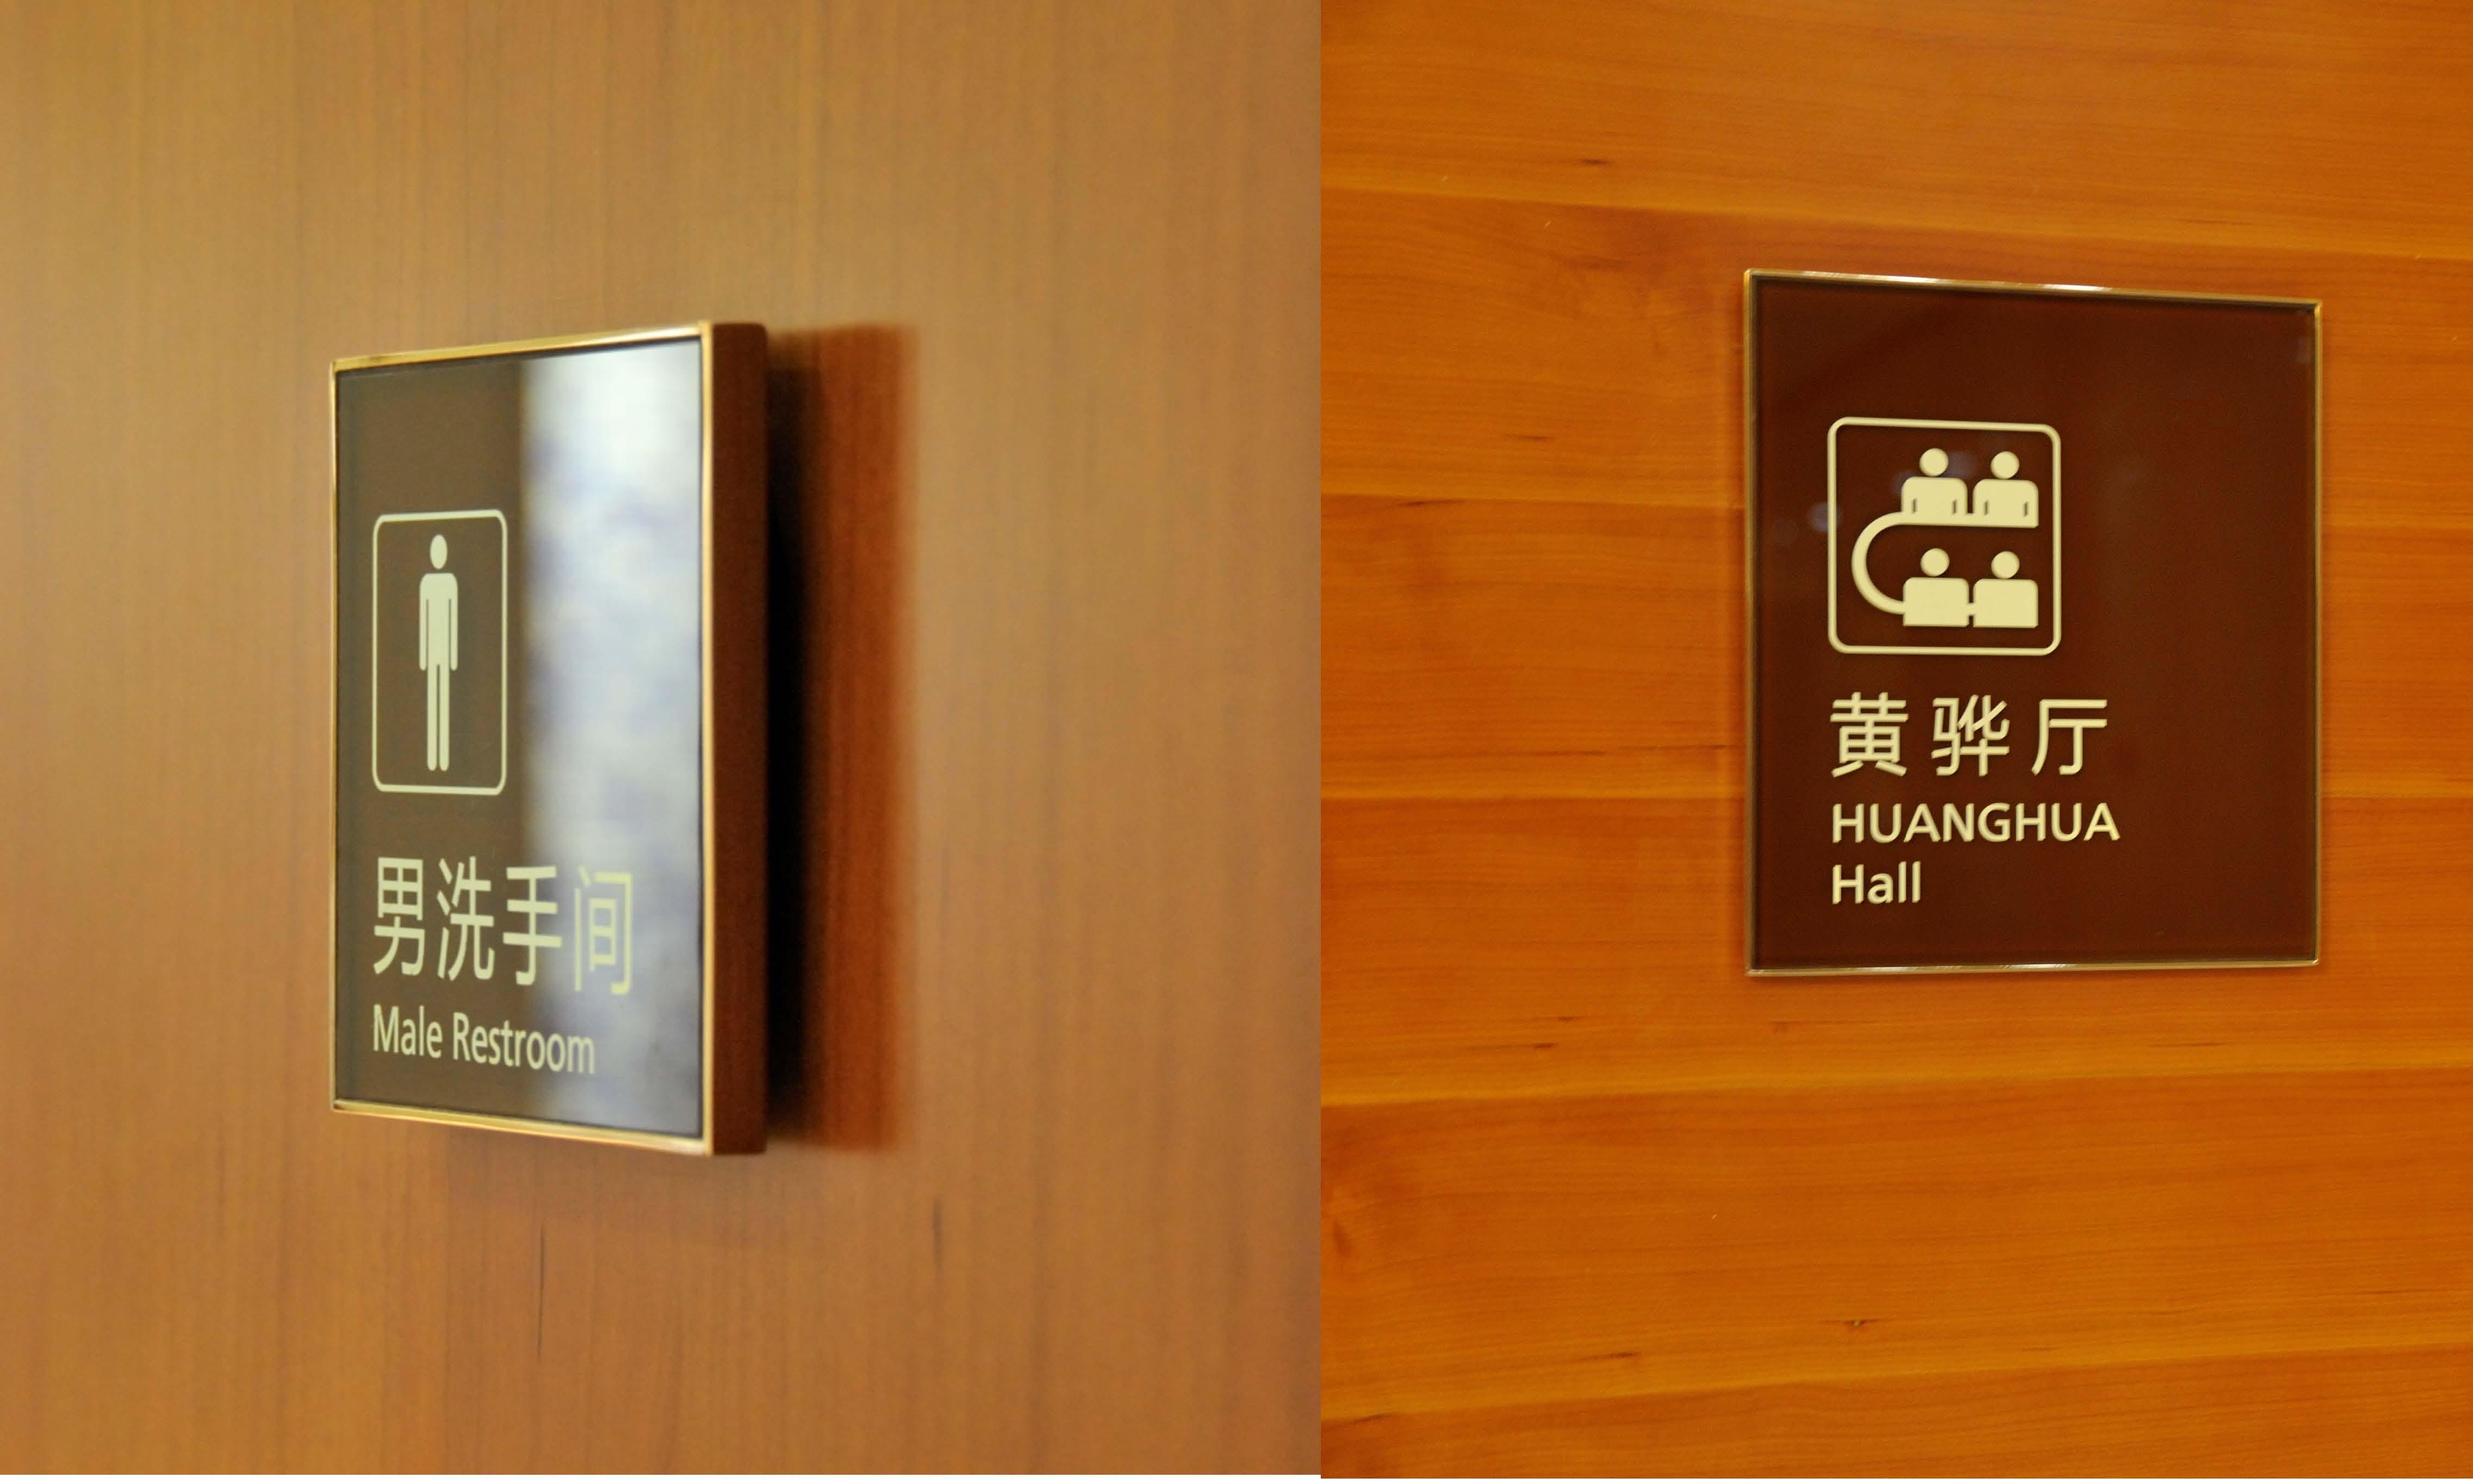 展示展厅标识/导视系统/ 建筑室内导视/设计效果图/制作施工